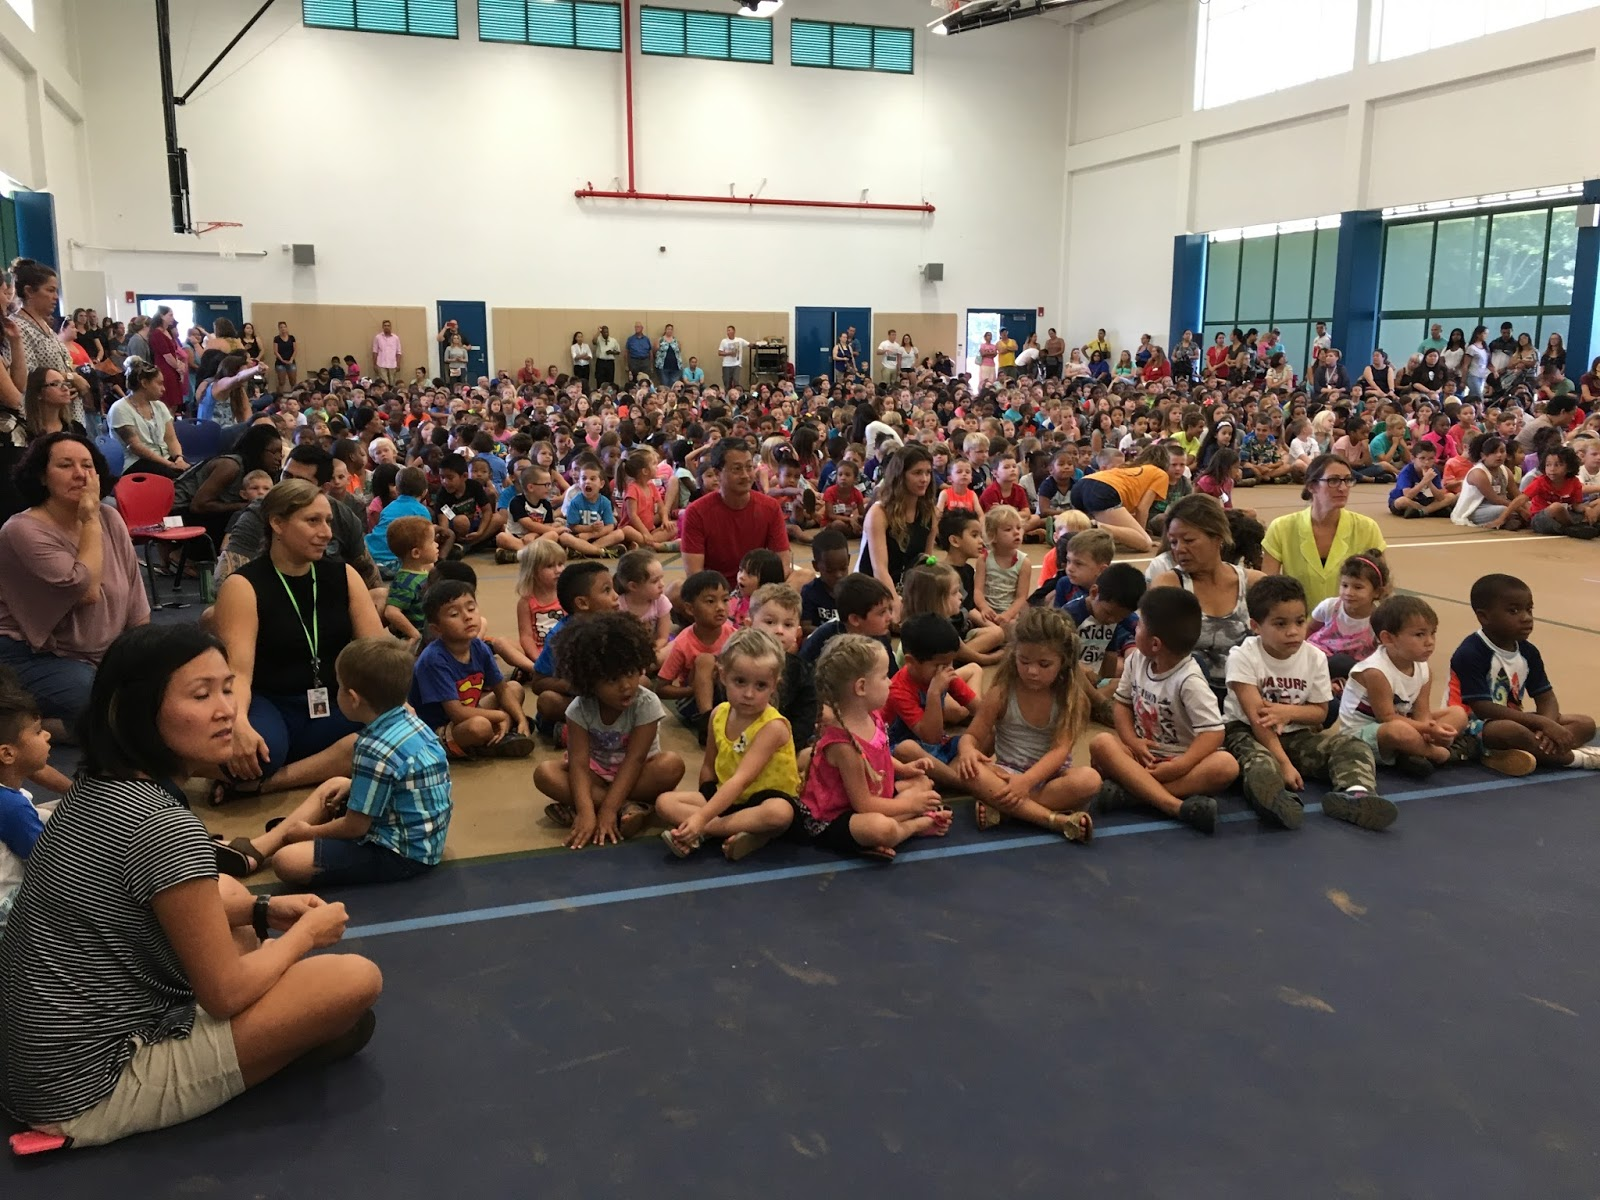 Daniel K. Inouye Elementary School - Our $33.2 Million ...